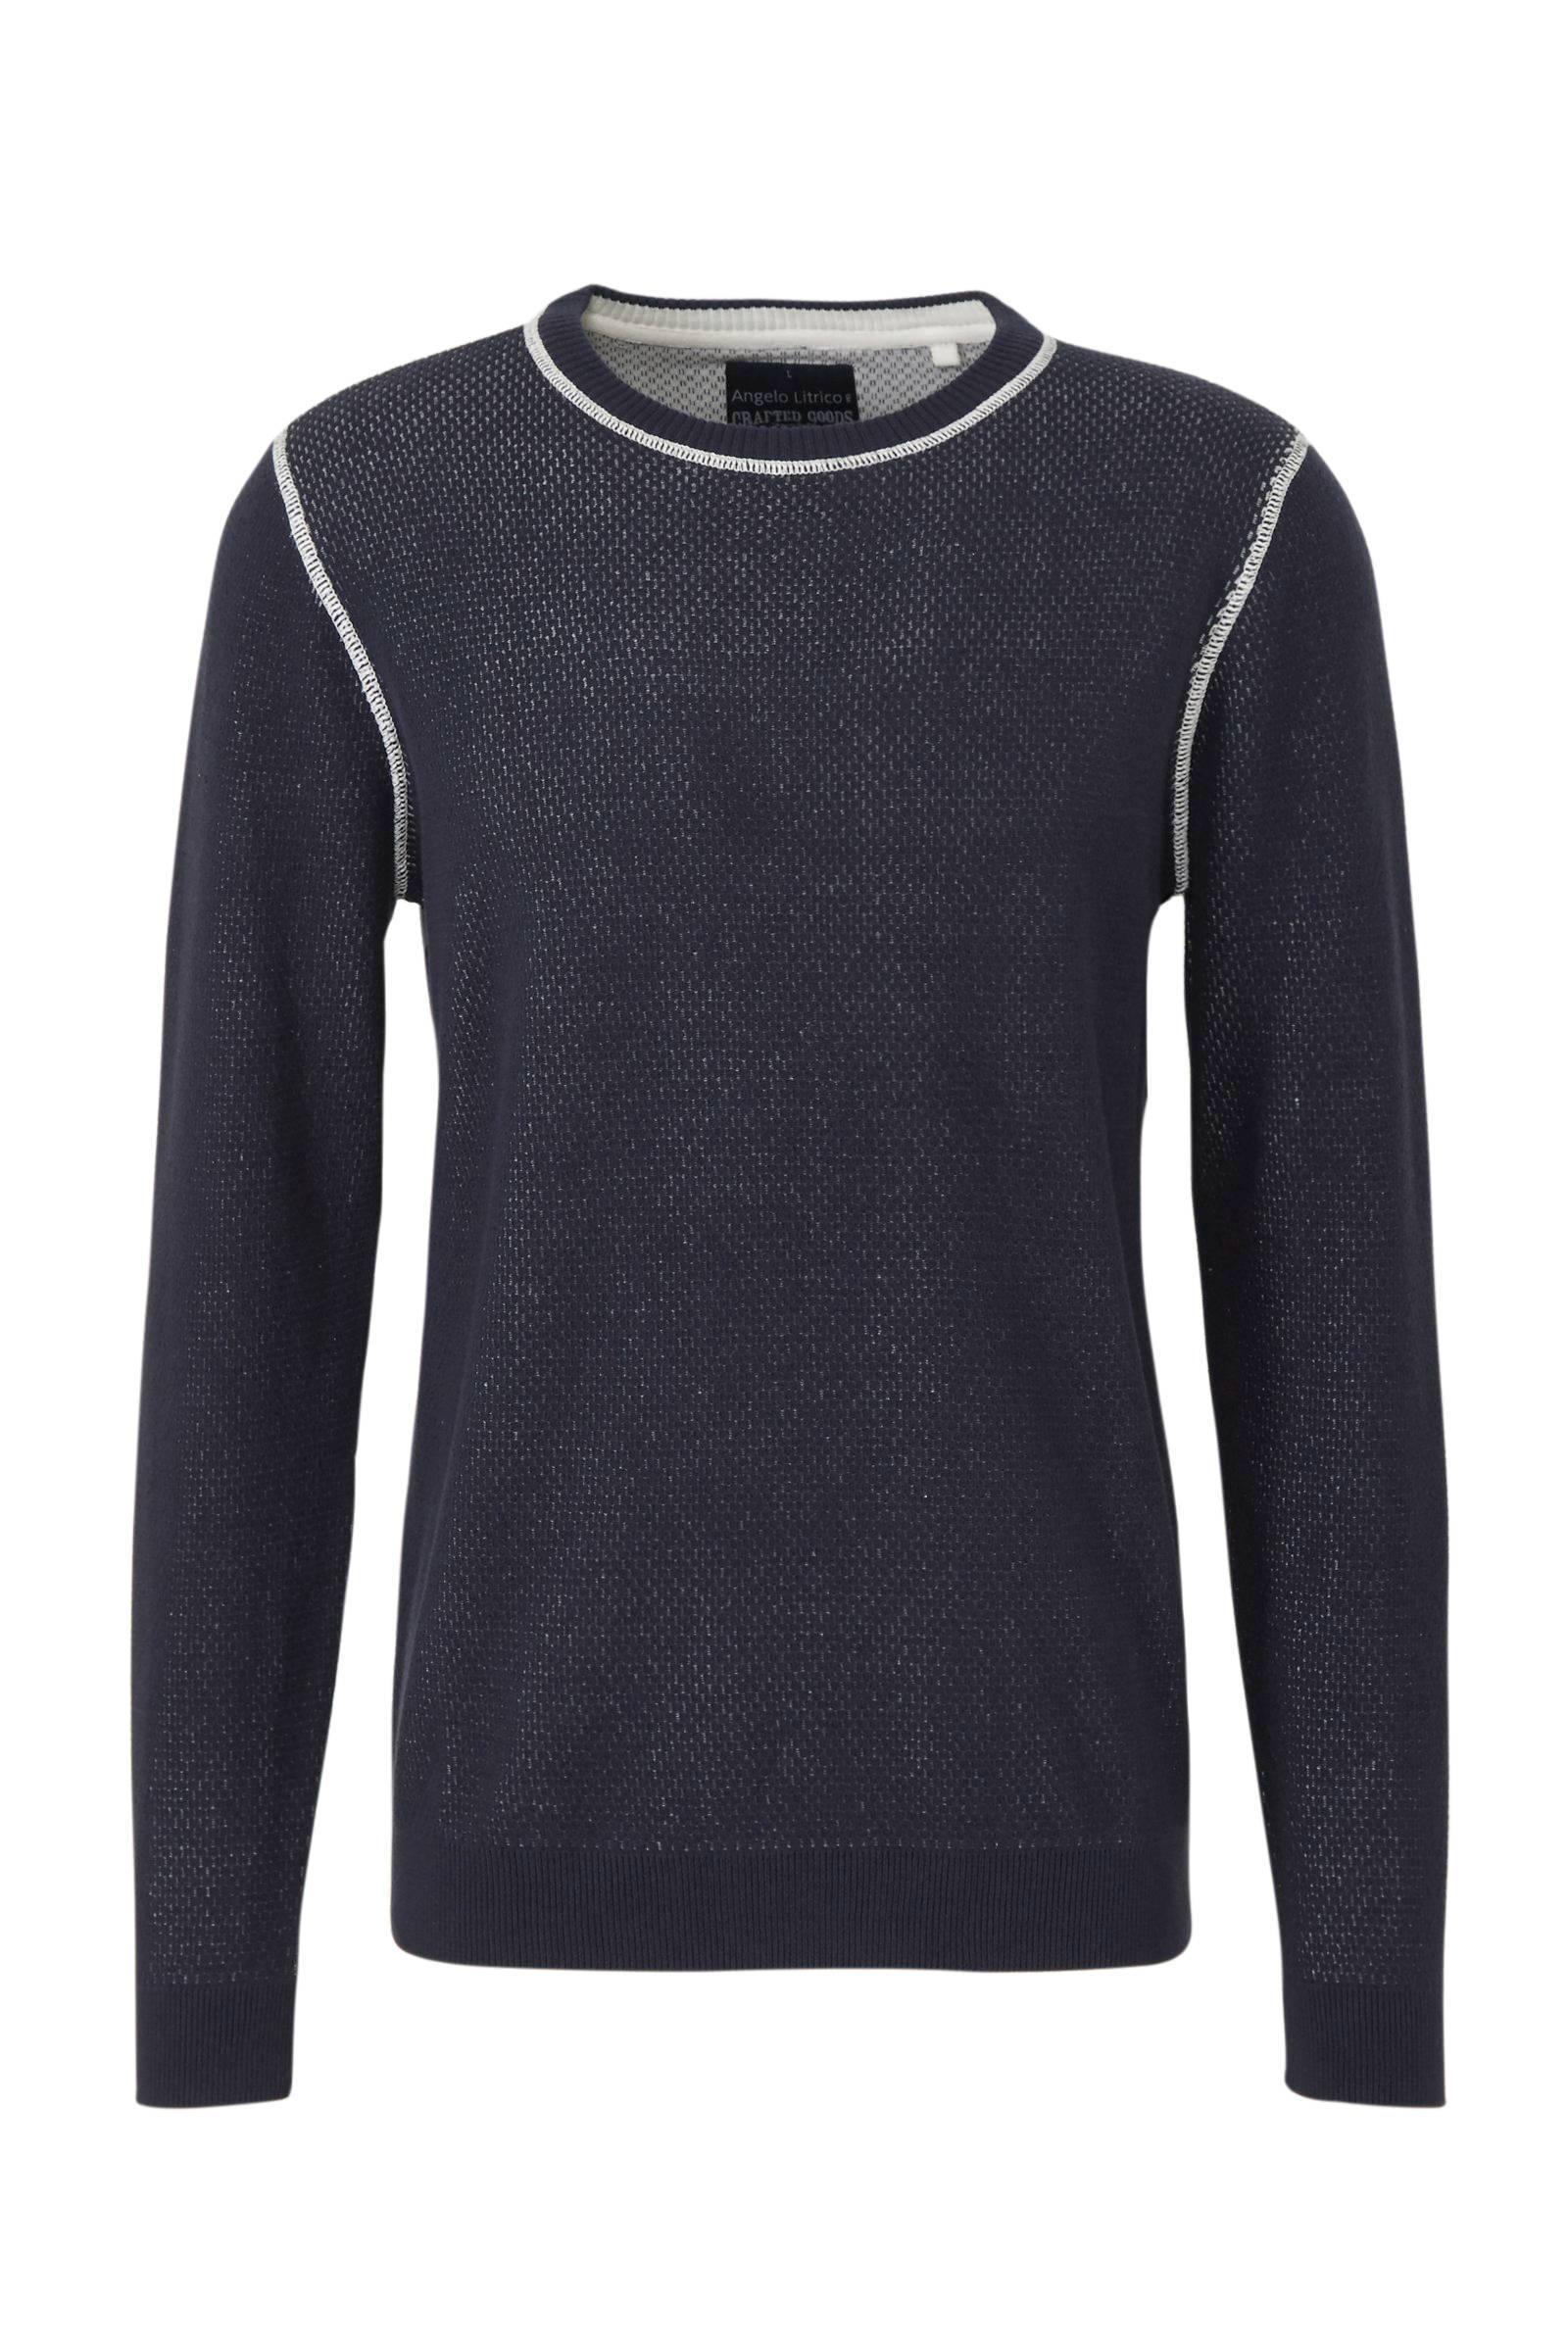 Shirts met lange mouwen voor heren: ontdek jouw model bij C&A